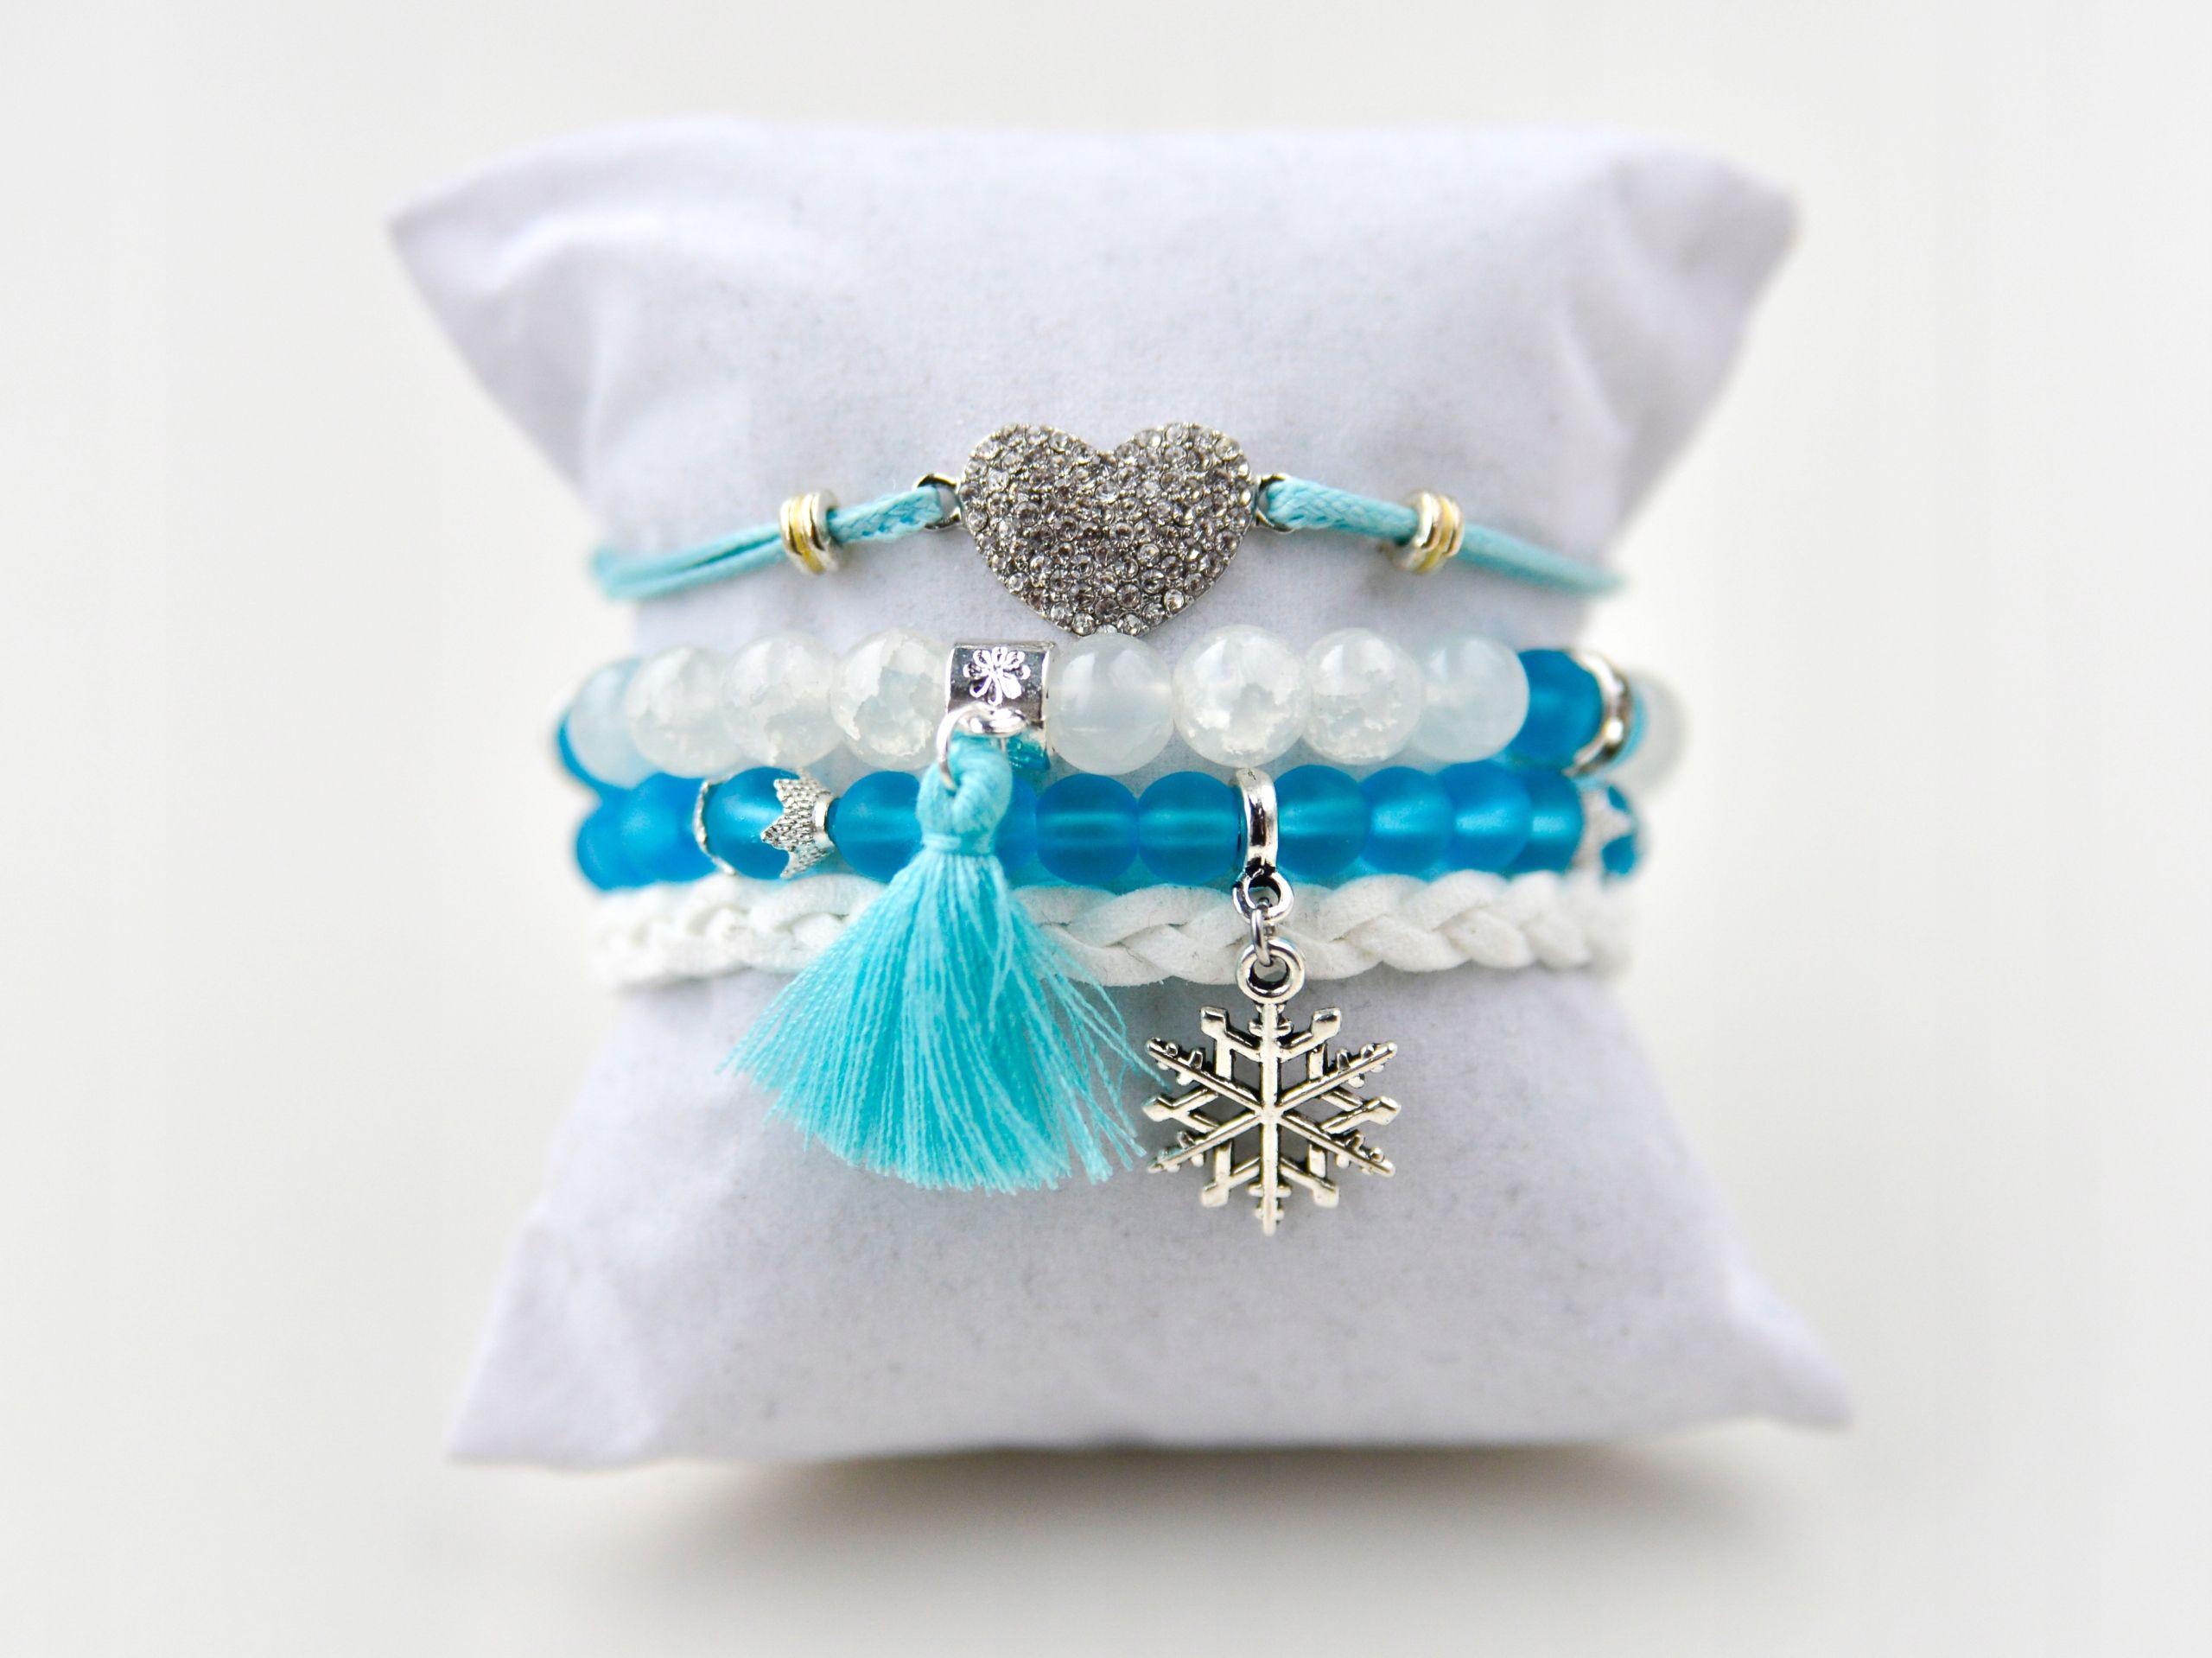 Swieta Zestaw 4 Bransoletki Multi Koraliki Chwost 7714579892 Oficjalne Archiwum Allegro Tassel Necklace Jewelry Beads